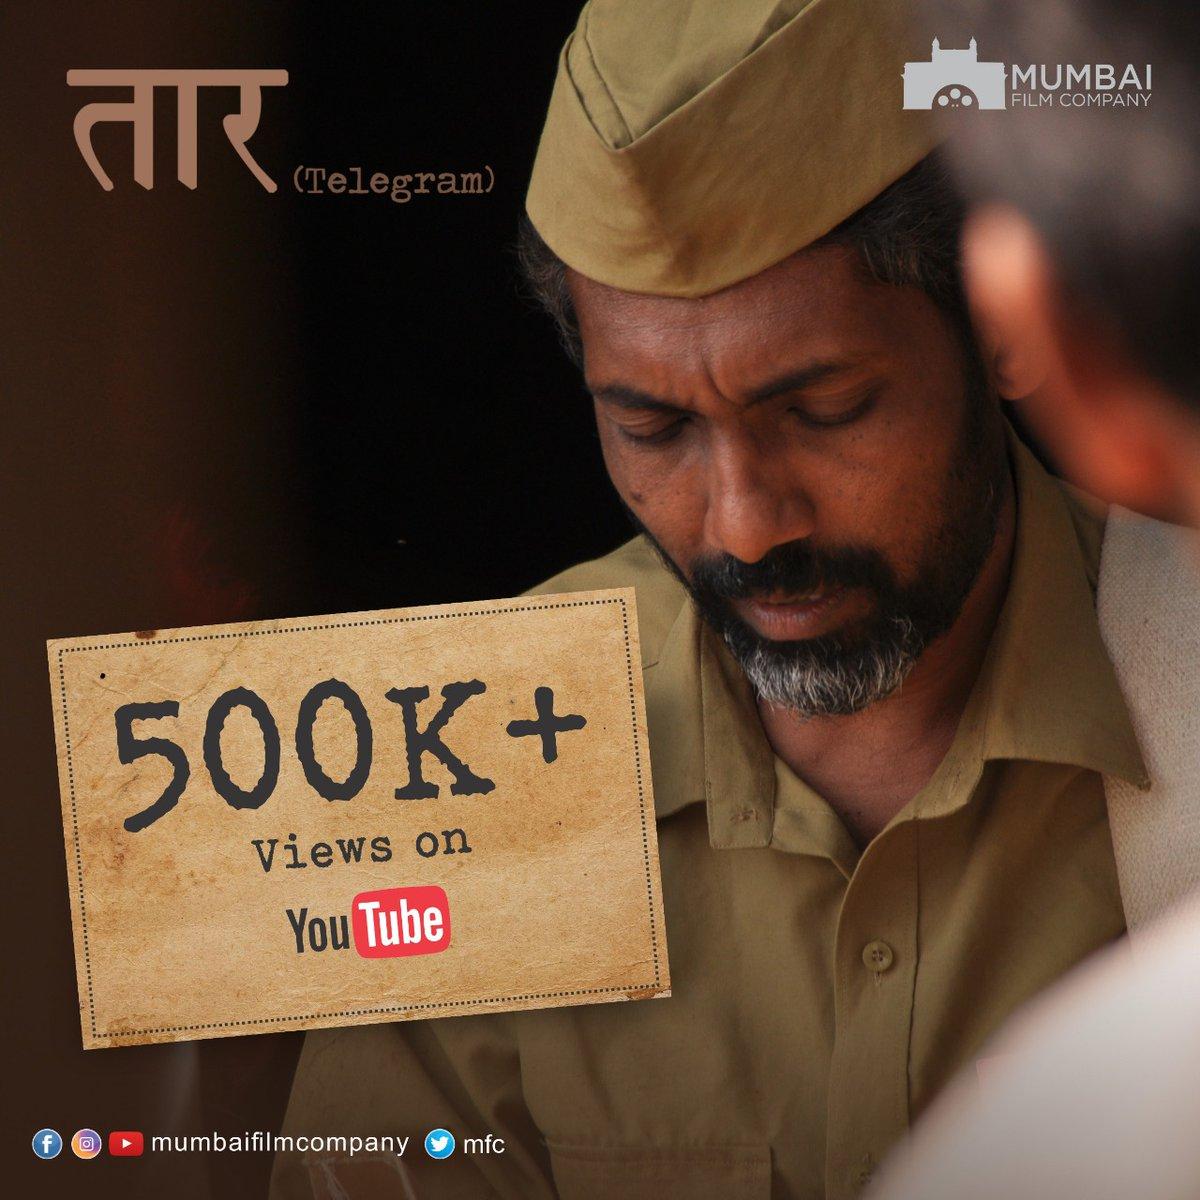 500k + Views On YouTube !!!    तार ला भरभरून दिलेल्या प्रतिसादाबद्दल आभारी आहोत.    . .  .  #तार #TaarShortFilm #MFCYouTube